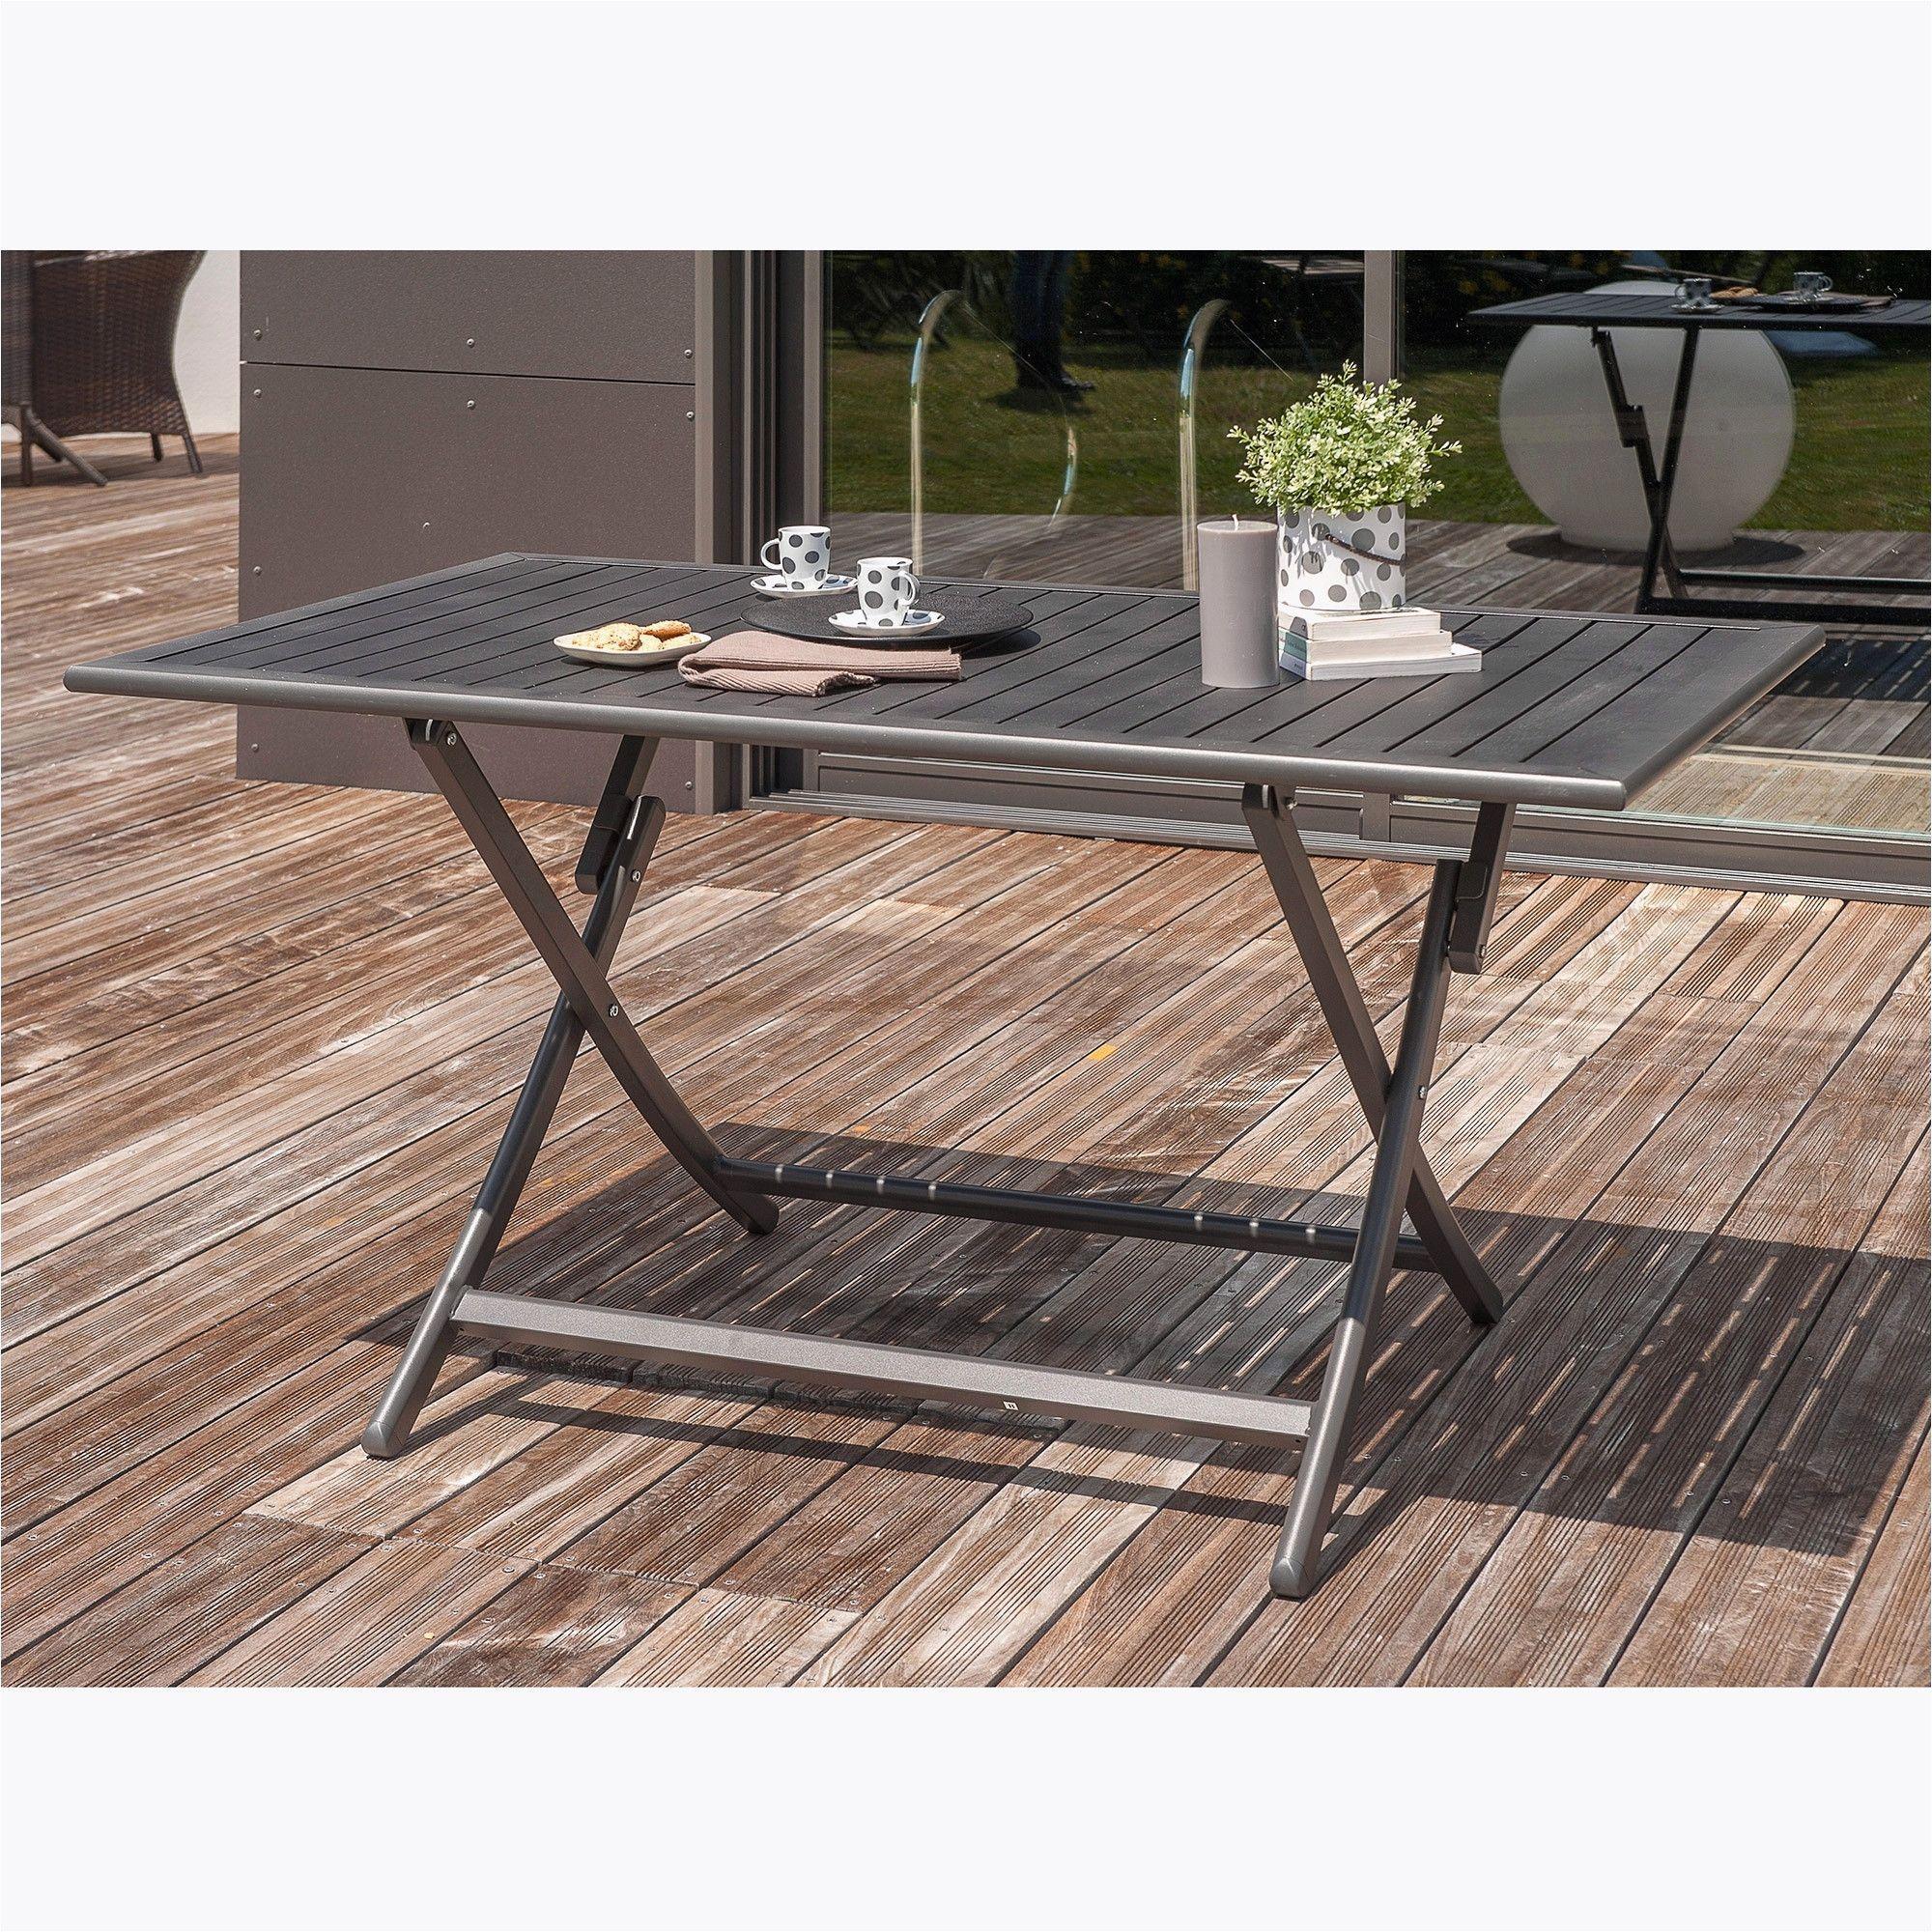 Table Et Chaise De Jardin En Resine Élégant Table Pliante Leclerc Beau S Leclerc Table De Jardin Of 32 Élégant Table Et Chaise De Jardin En Resine